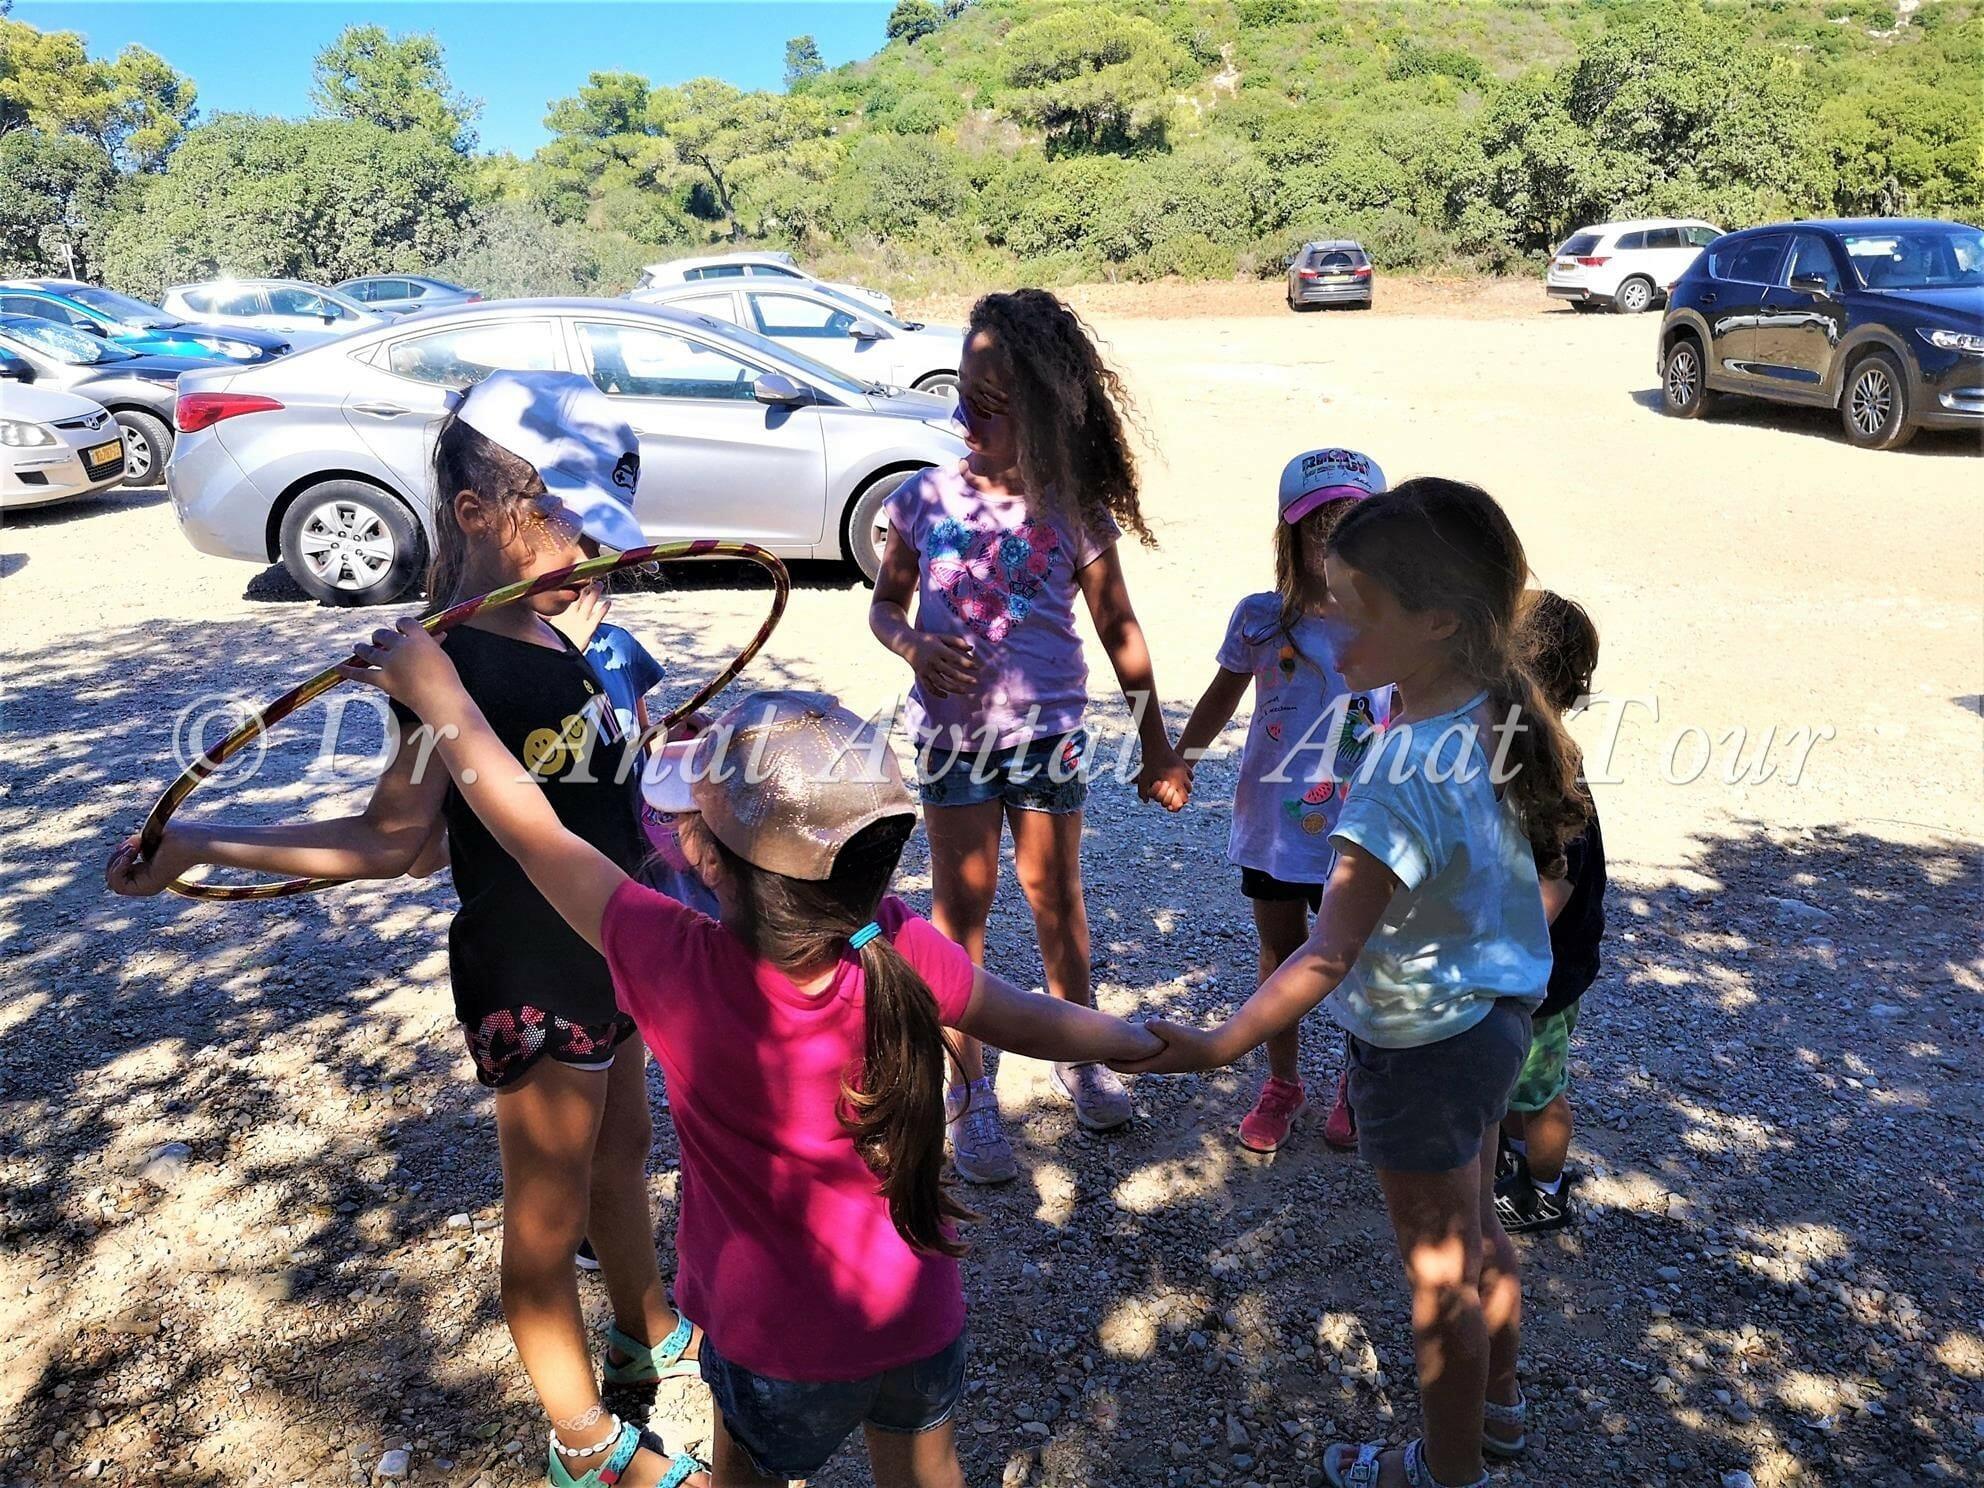 """פעילות הורים וילדים ODT בטיולים בשטח, צילום: ד""""ר ענת אביטל"""